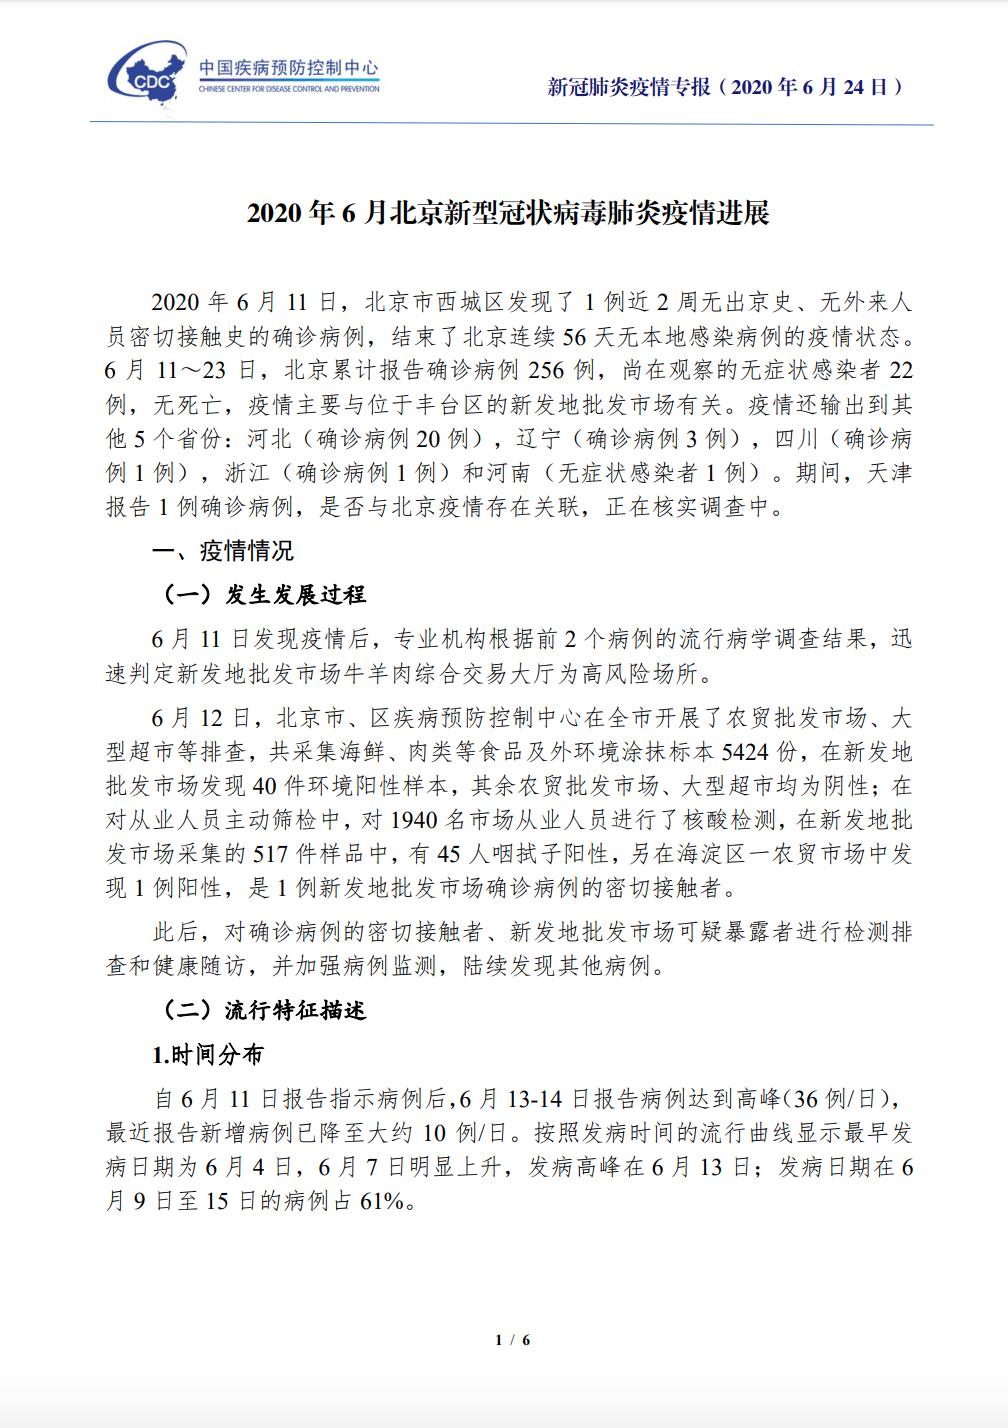 「摩天招商」新报告北京摩天招商疫情近期有望图片